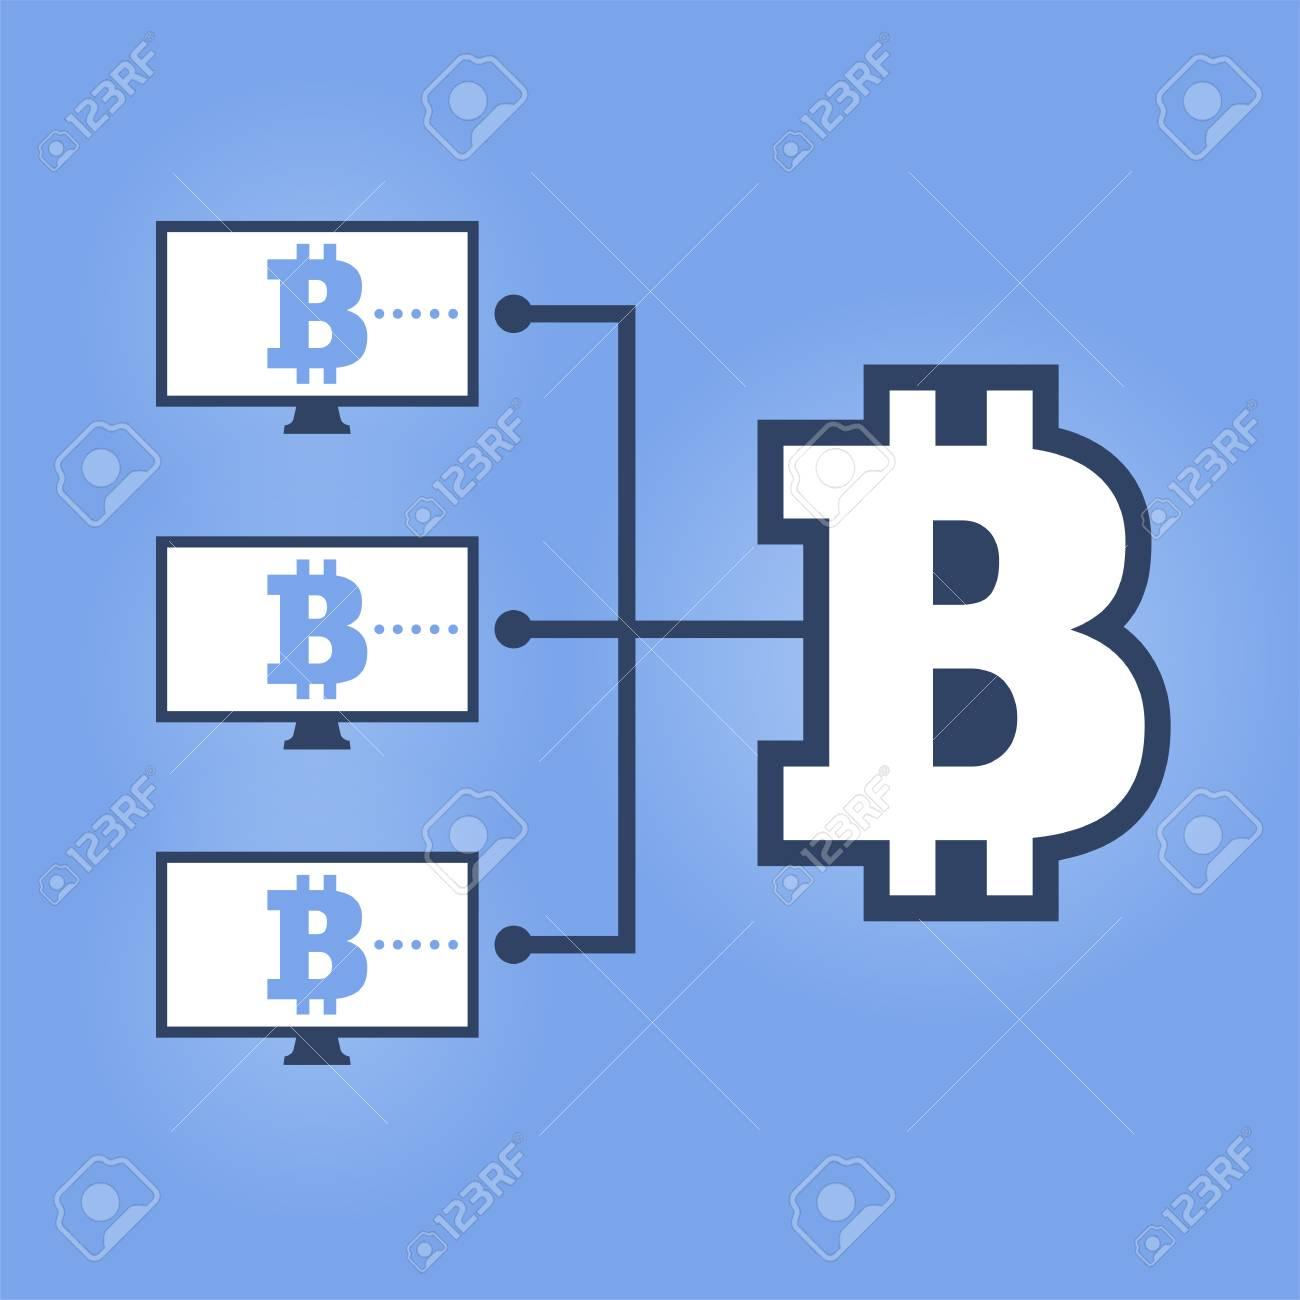 Comment Travailler Reseau De Controle Illustration De Timbre Plat Ordinateurs Avec Diagramme Bitcoin Sur Fond Bleu